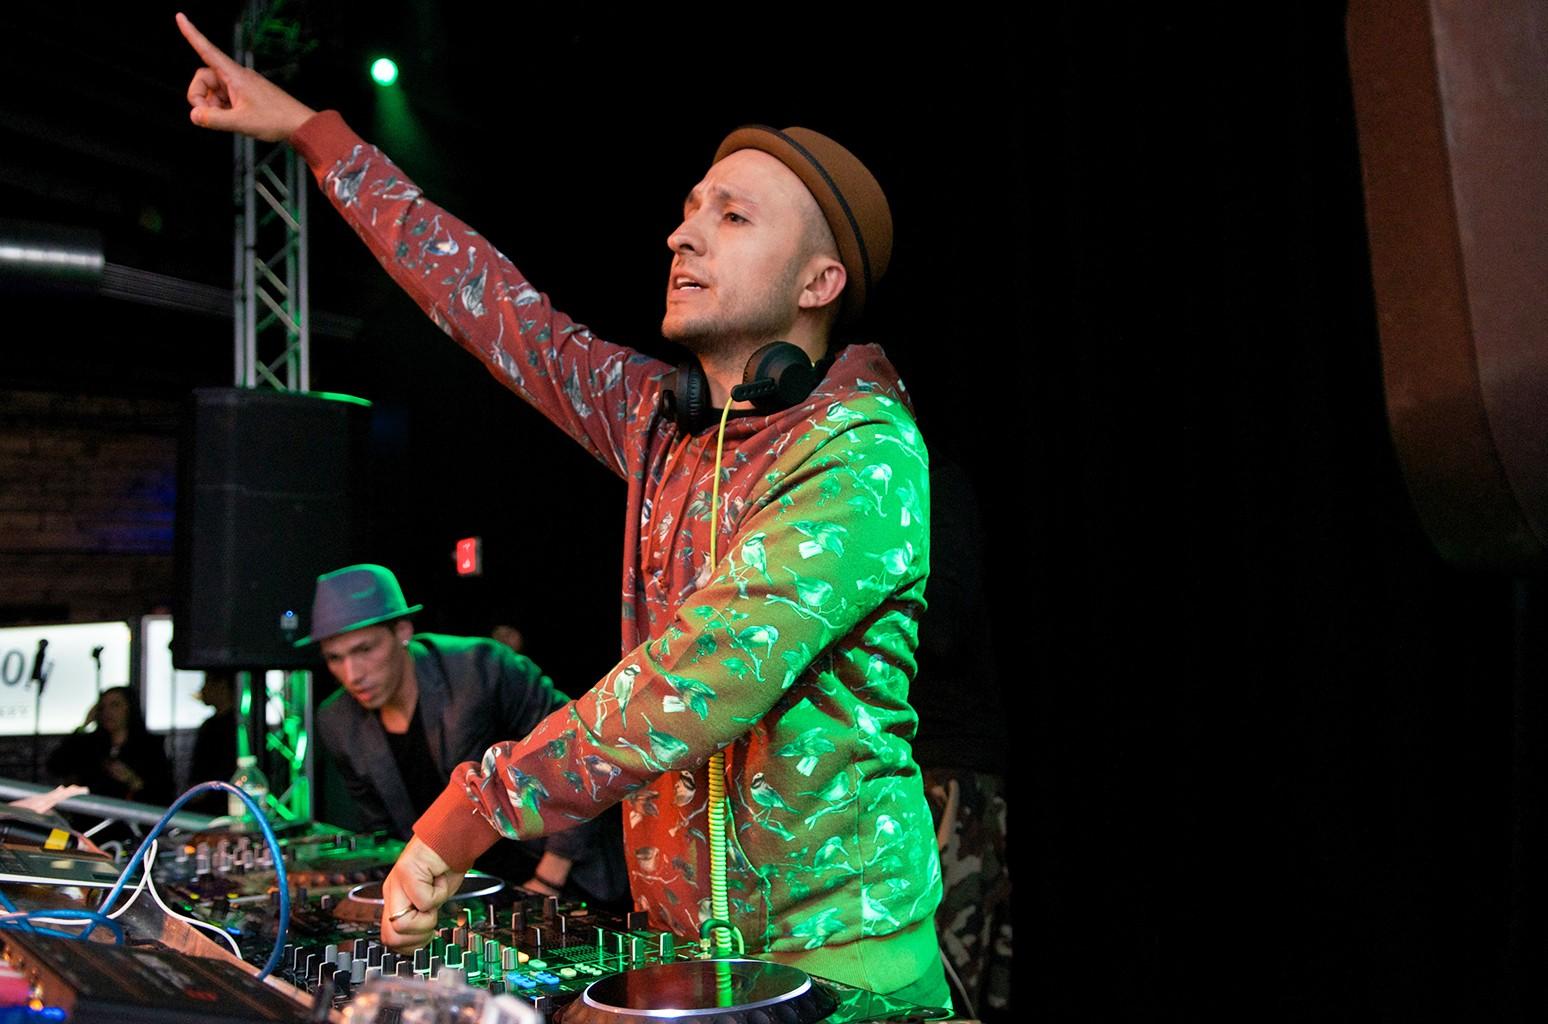 DJ Vice in 2013